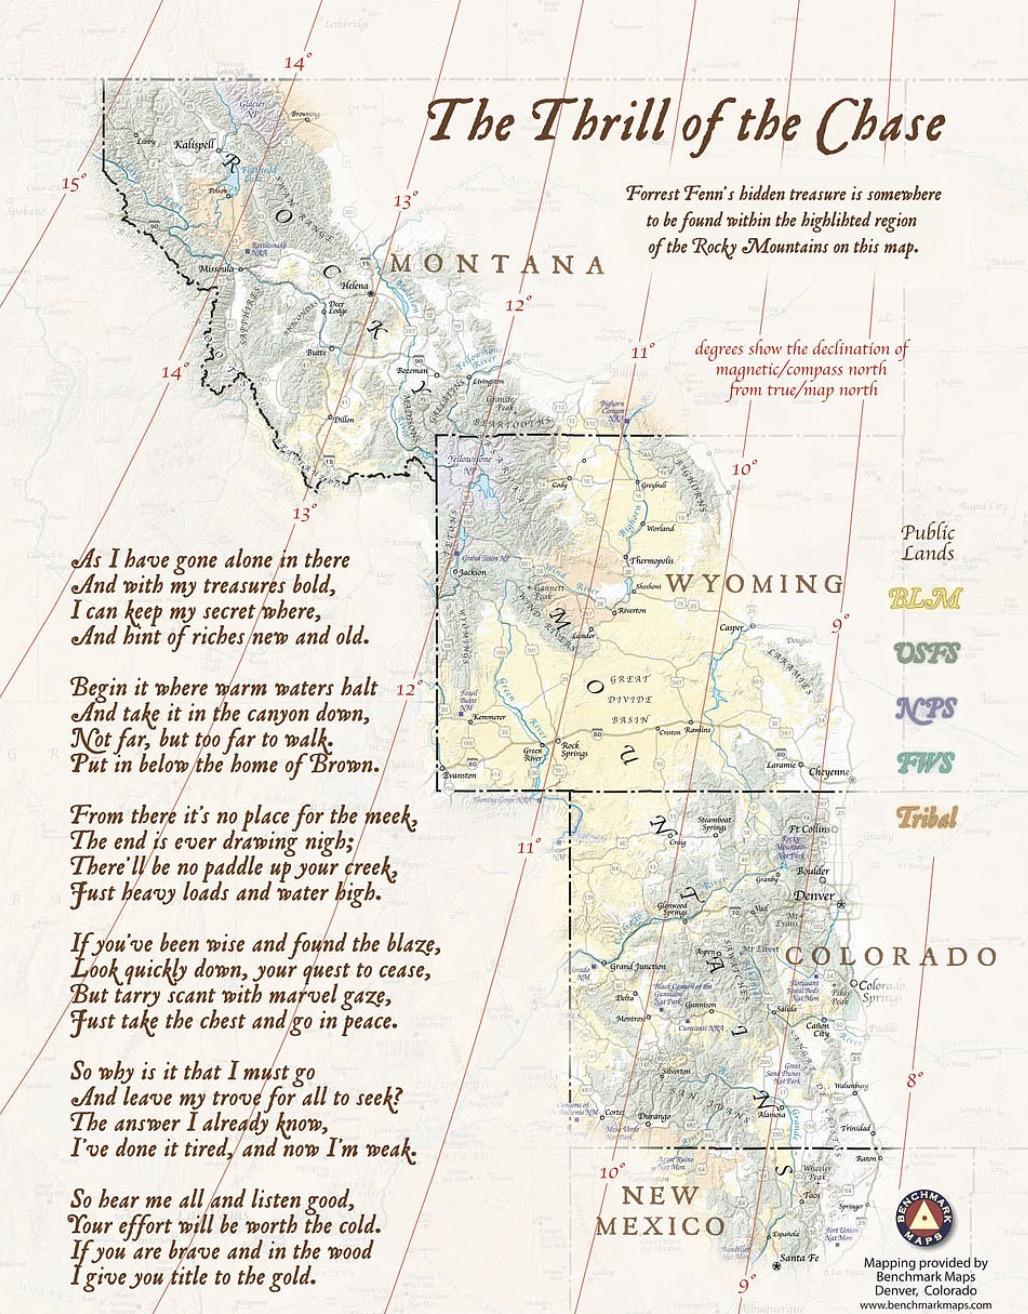 บทกวีของ Fenn 'The Thrill of the Chase' ซึ่งมีเบาะแสเกี่ยวกับที่ตั้งของสมบัติ